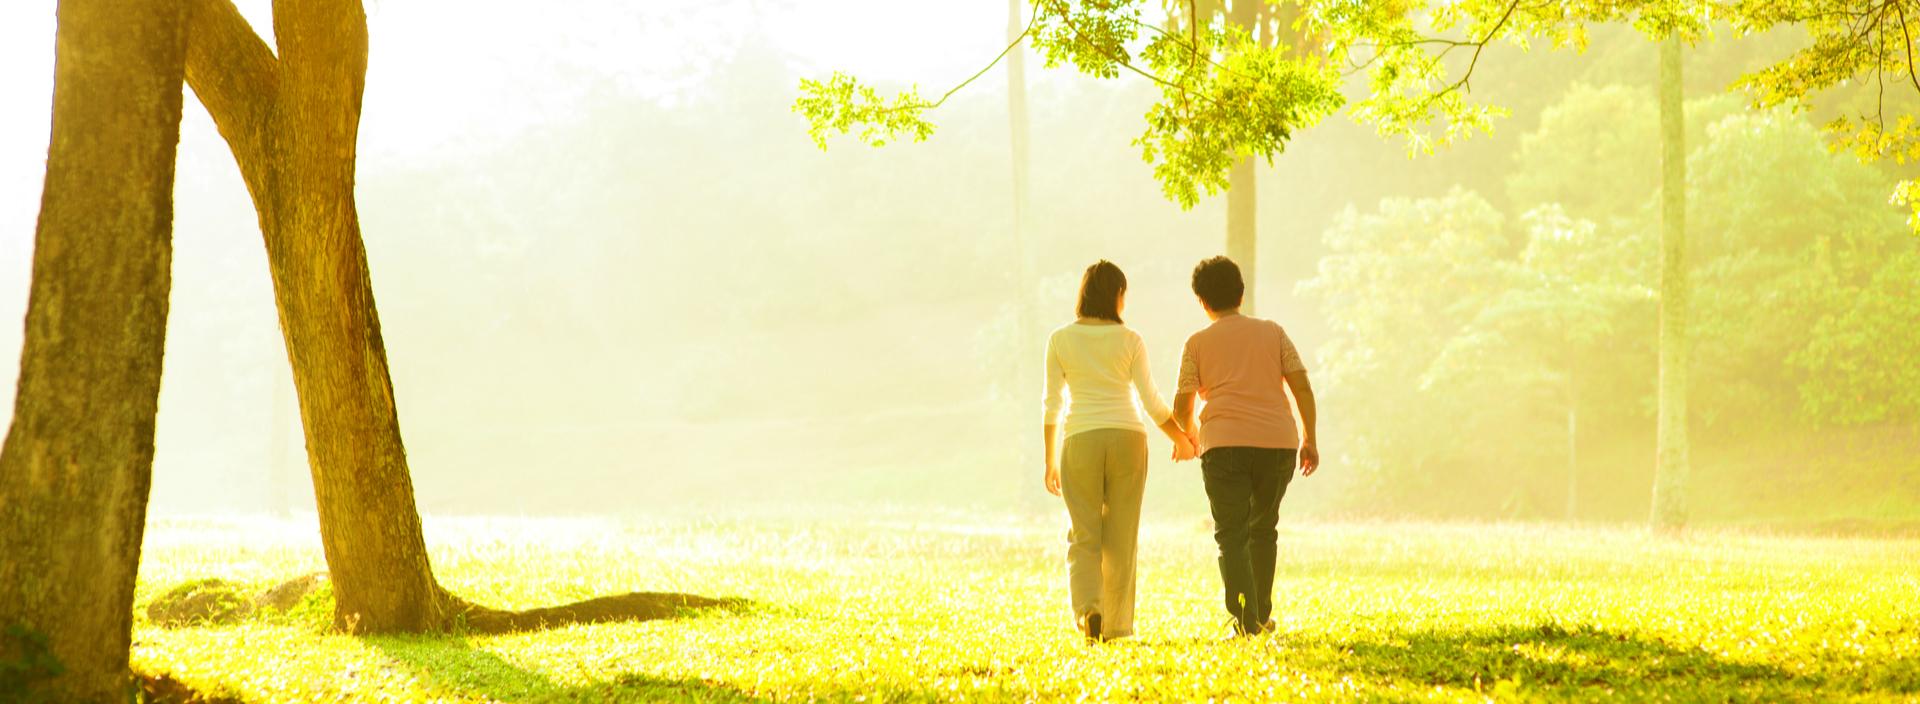 中年教我的事:與父母和好,彼此舒服就是最好的孝順